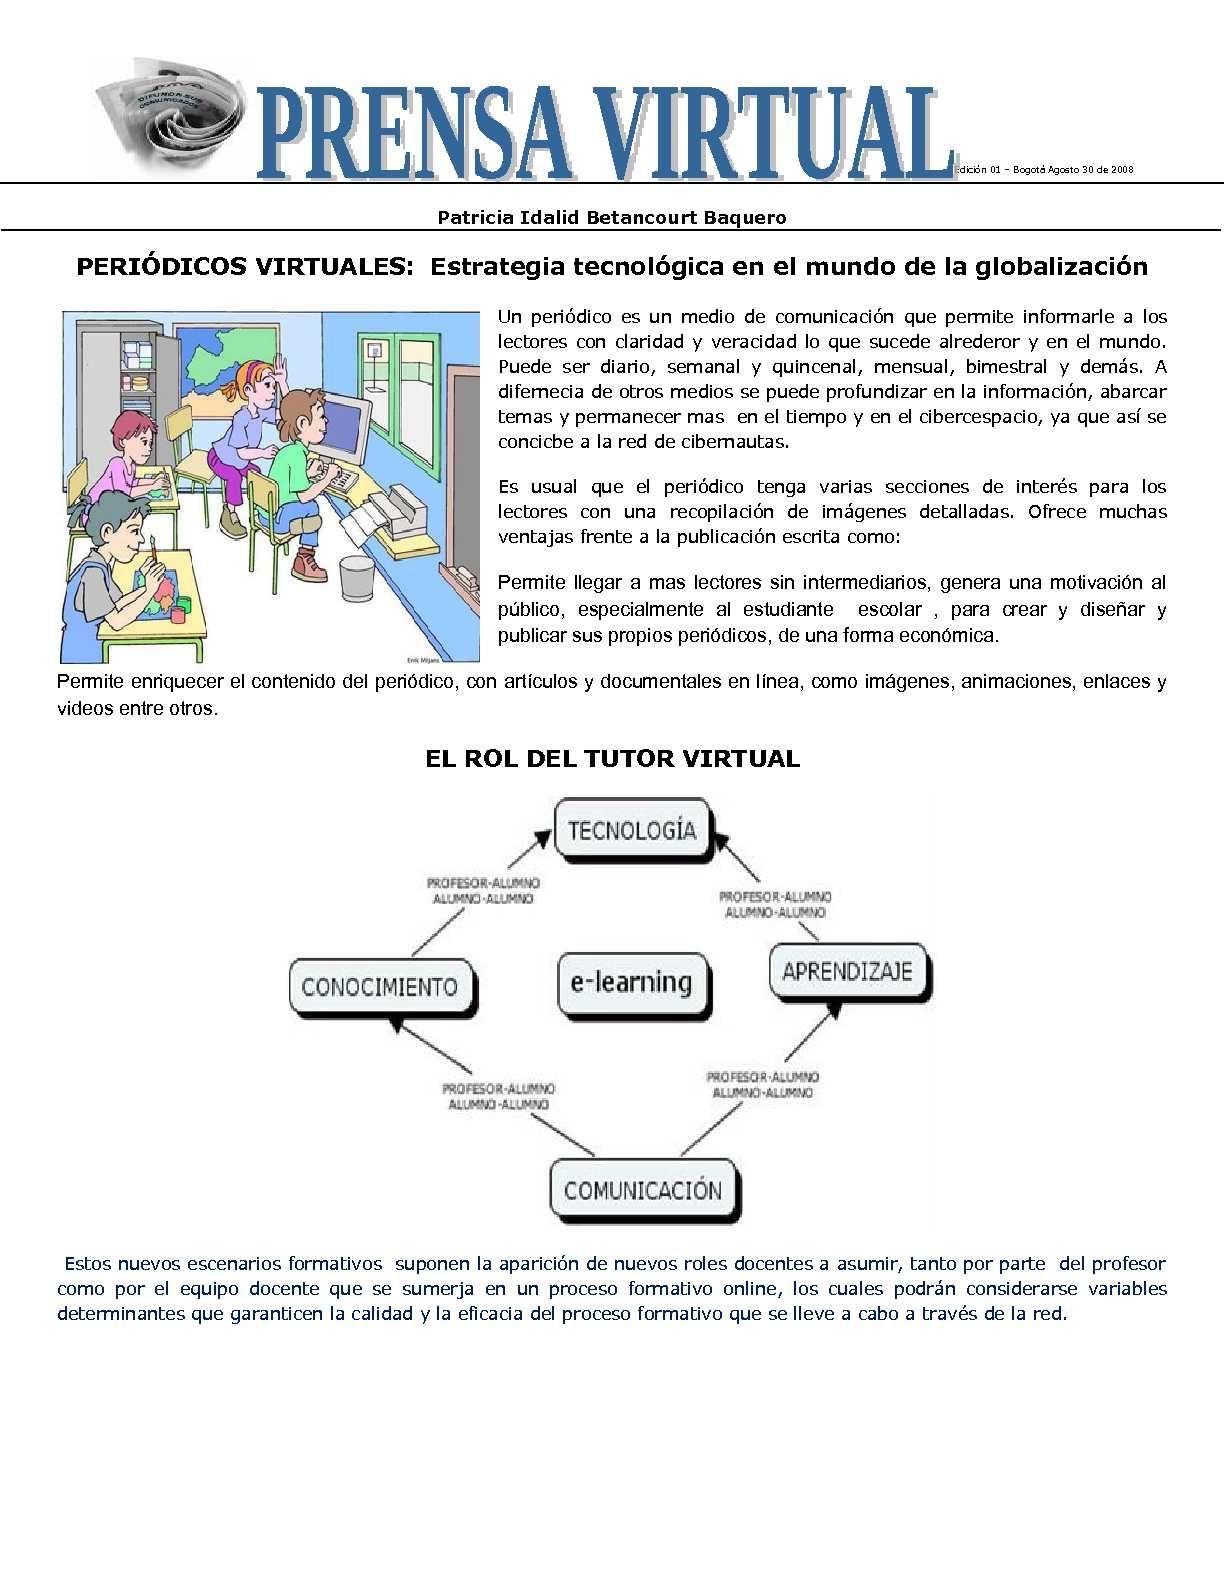 Calam o peri dico virtual for Cuales son las secciones de un periodico mural